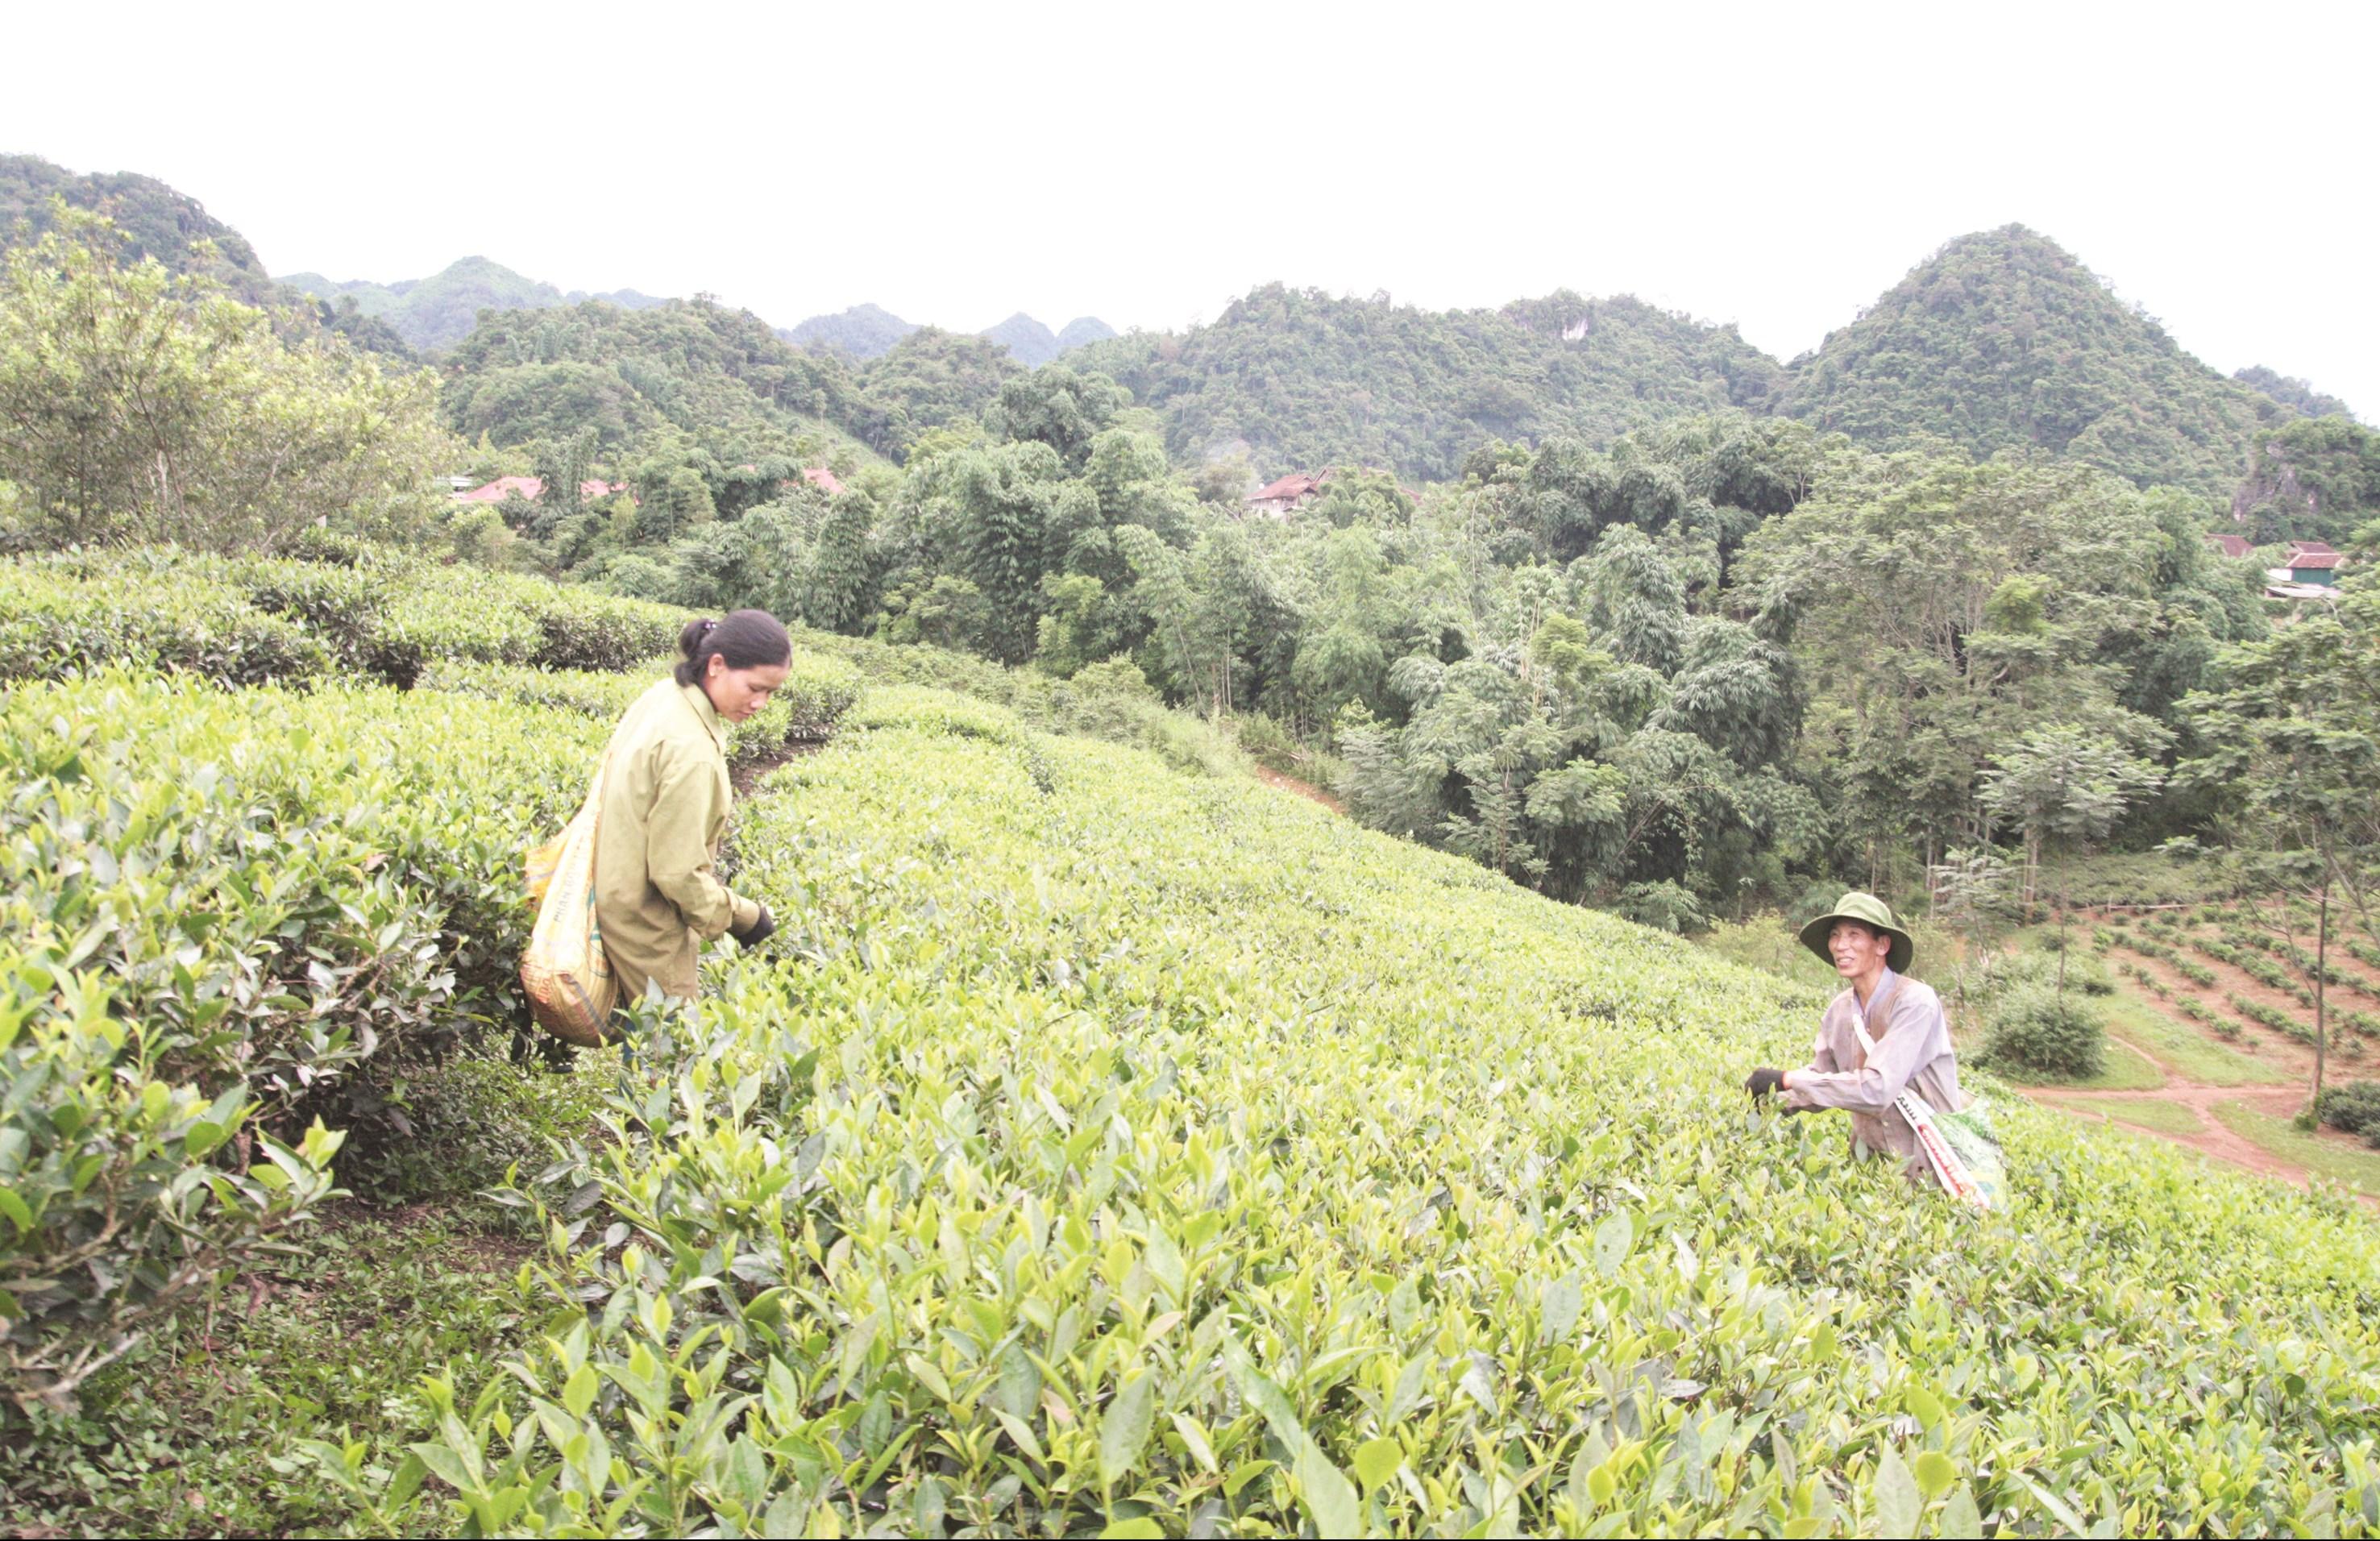 Nhờ các dự án hỗ trợ phát triển sản xuất đã giúp người dân có sinh kế ổn định. (Trong ảnh: Người dân ở bản Quỳnh Châu, xã Phổng Lái, huyện Thuận Châu thu hái chè).